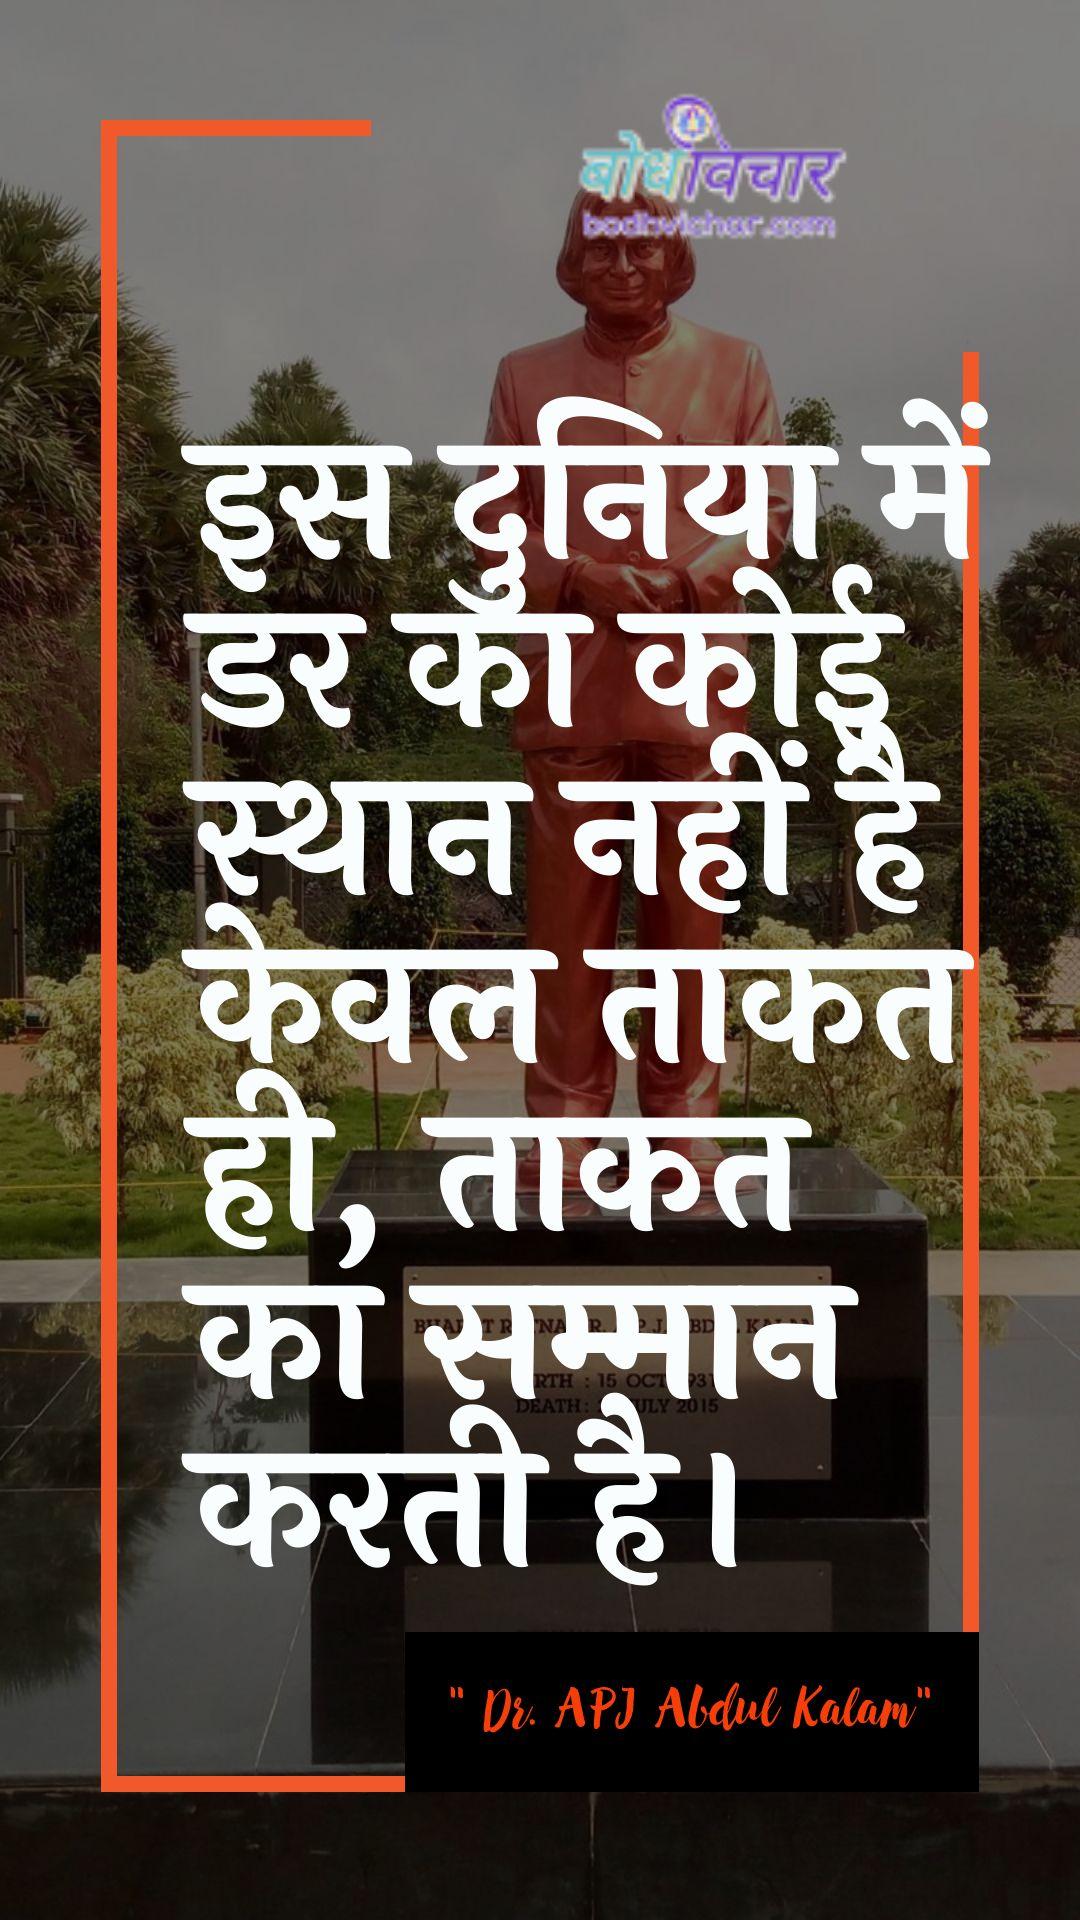 इस दुनिया में डर का कोई स्थान नहीं है केवल ताकत ही, ताकत का सम्मान करती है। : Is duniya mein dar ka koee sthaan nahin hai keval taakat hee hai, taakat ka sammaan karata hai. - ए पी जे अब्दुल कलाम